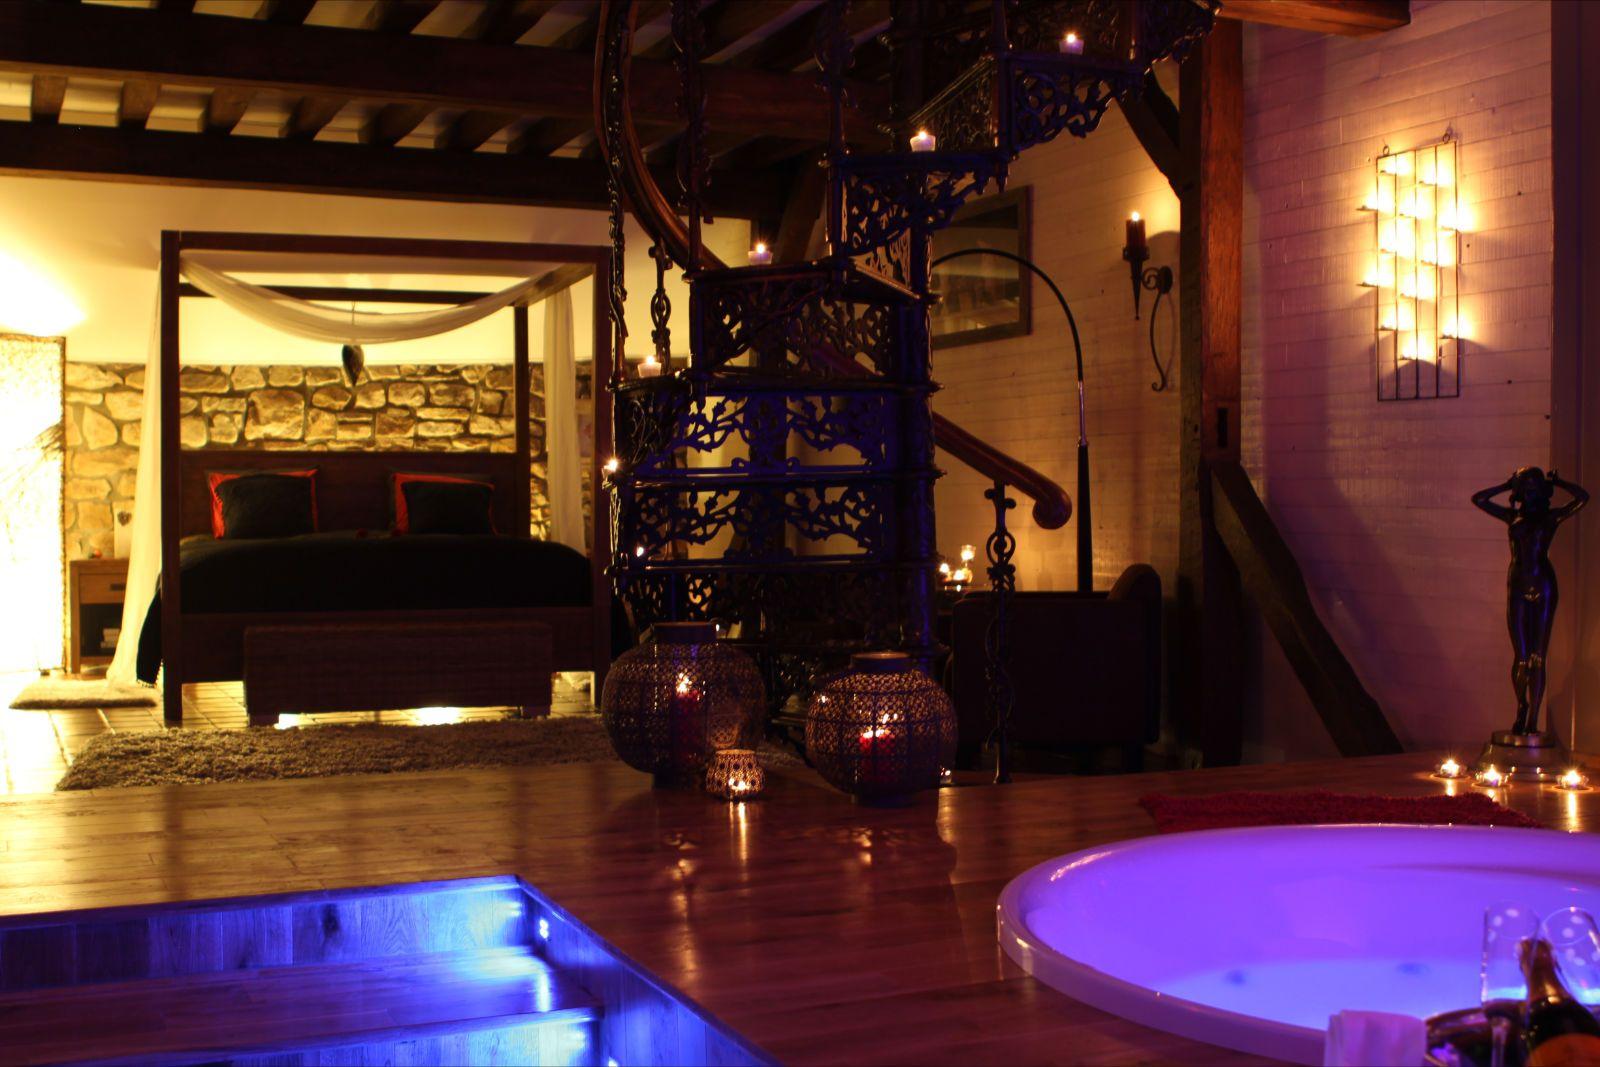 Honeymoon Jacuzzi Suite | Hôtel et chambre avec jacuzzi privatif ...